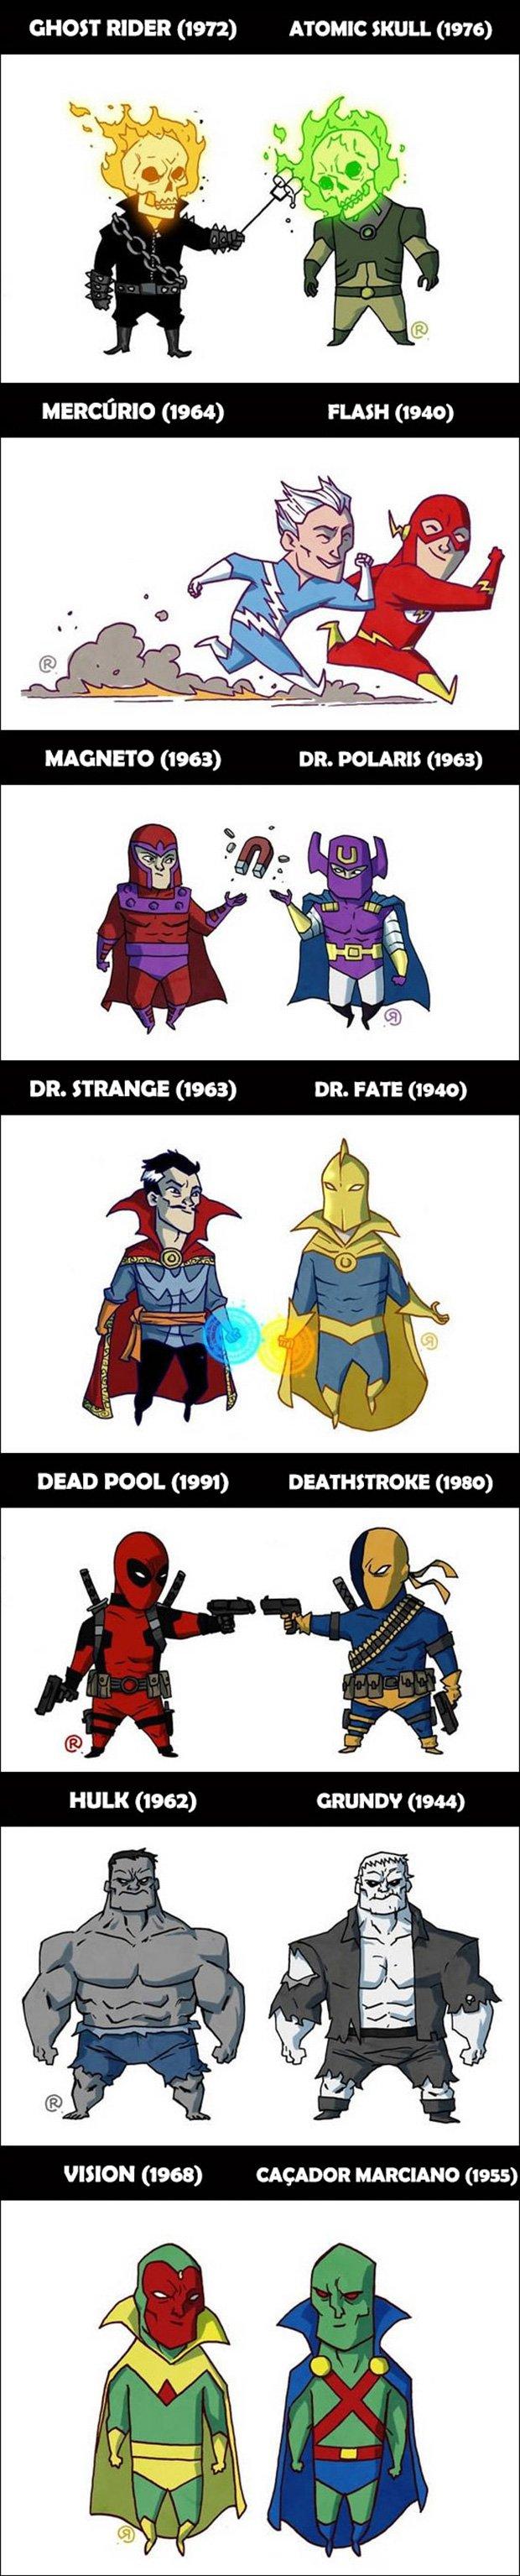 Personagens-equivalentes-entre-Marvel-e-DC-2_02